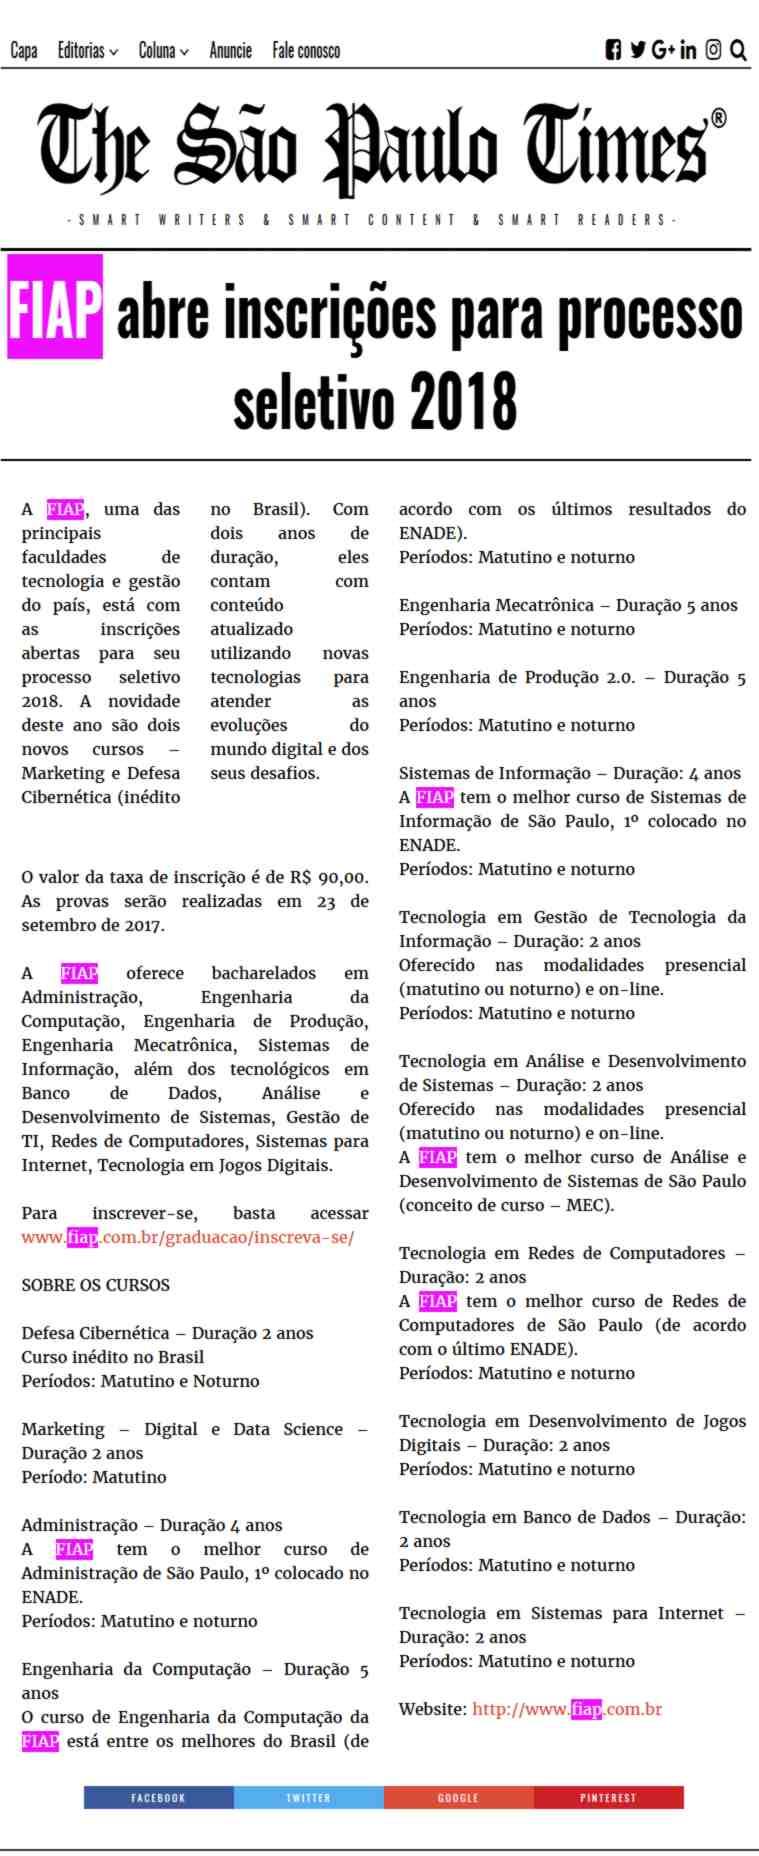 0804 - Site The São Paulo Times